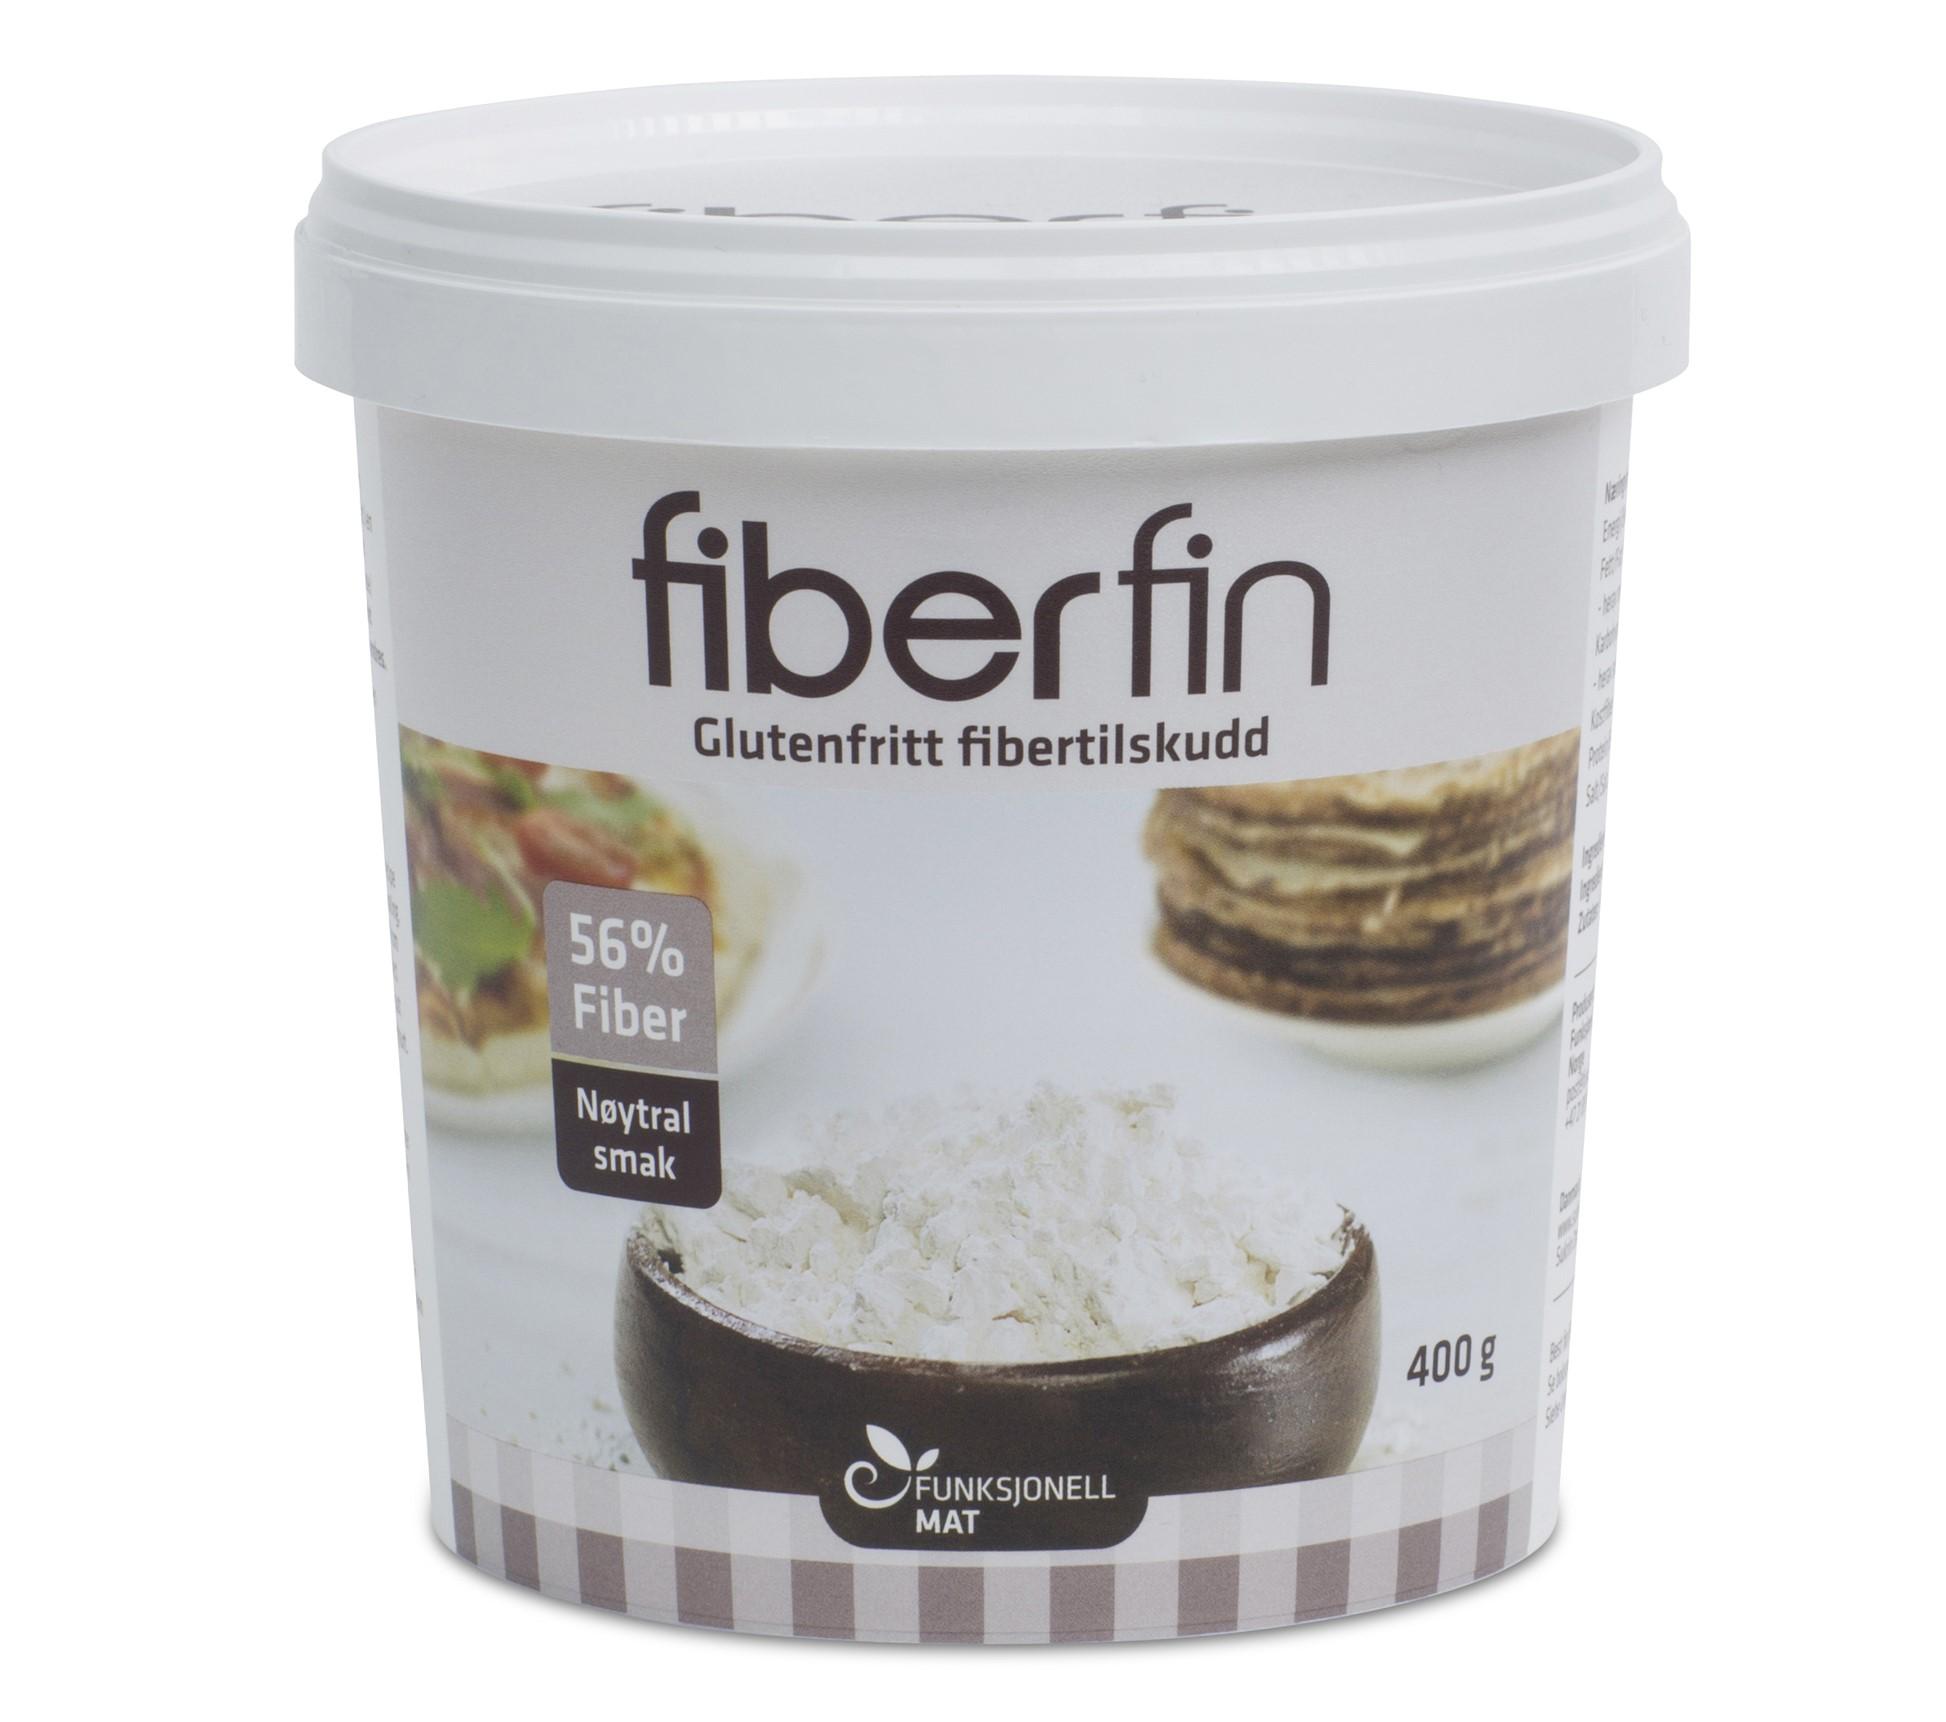 Fiberfin_400g_NO_SE_DK